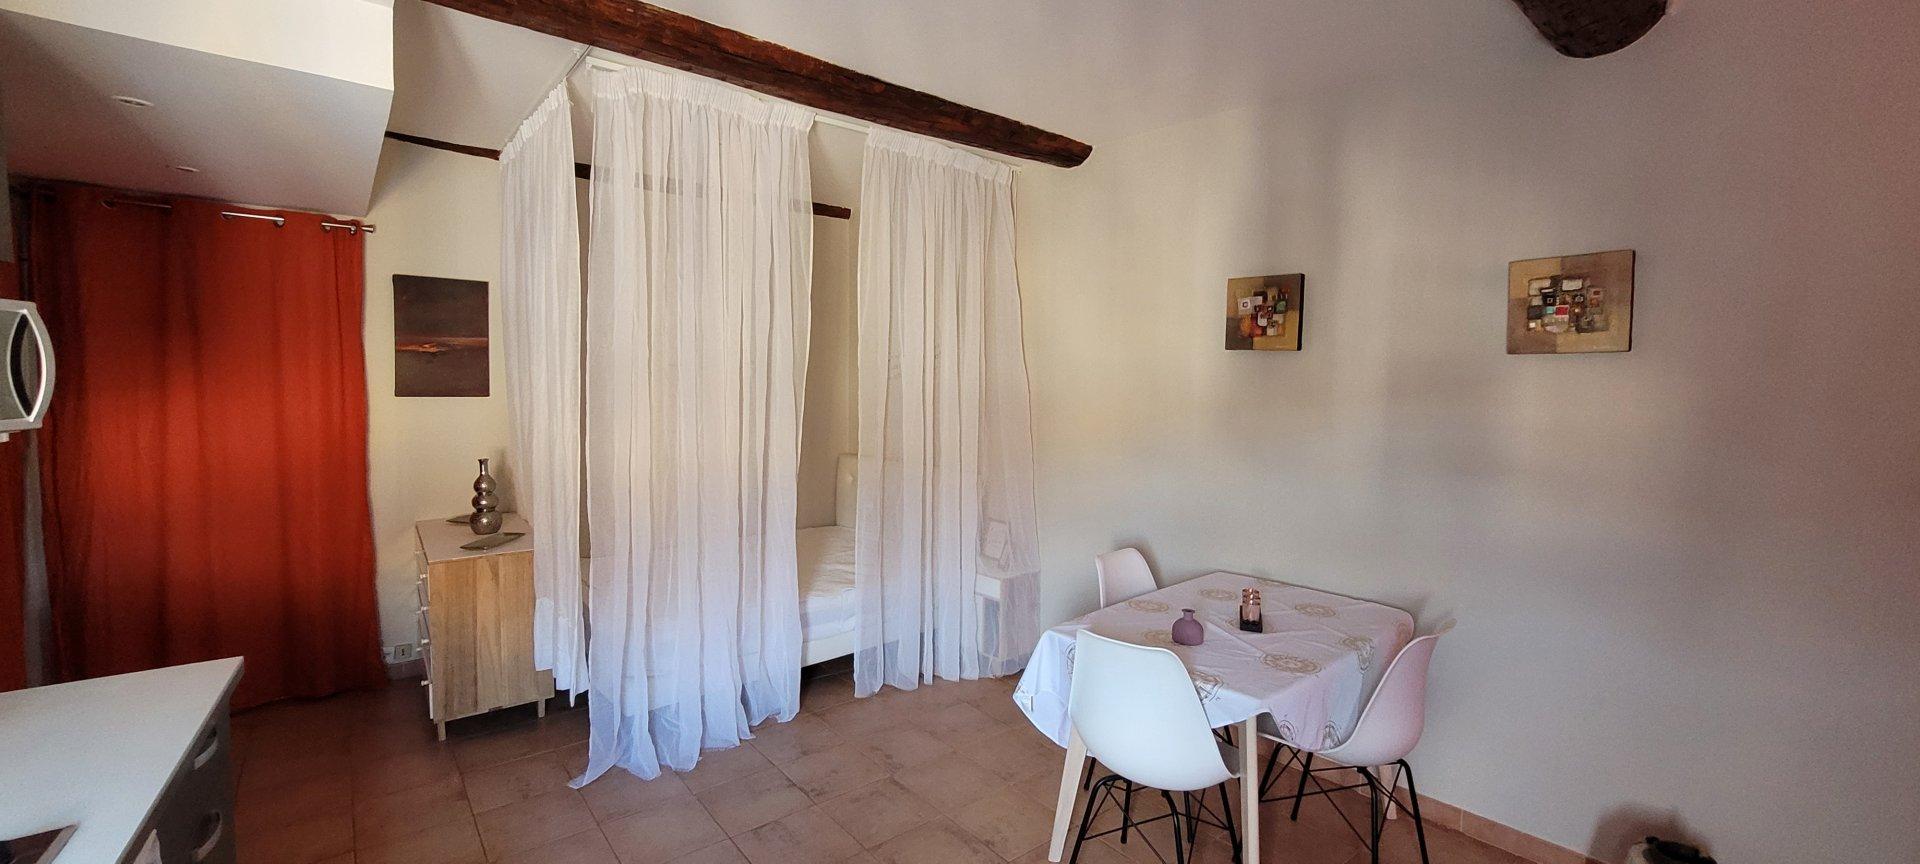 Affitto Appartamento - Nizza (Nice) Garibaldi